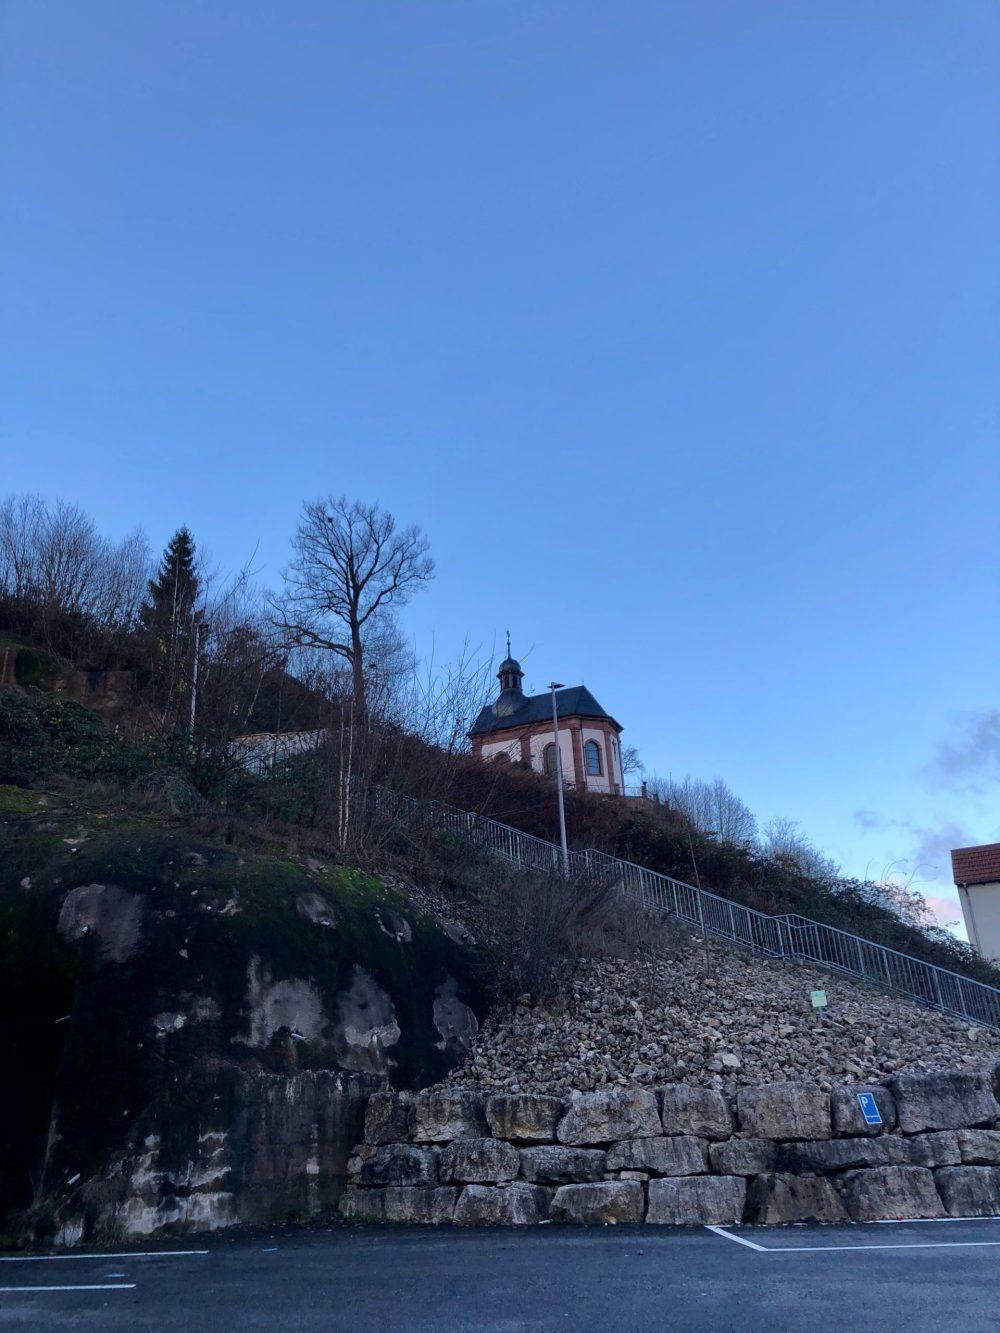 Berg des Wallfahrtskloster und der Heilig-Kreuz-Kapelle in Blieskastel